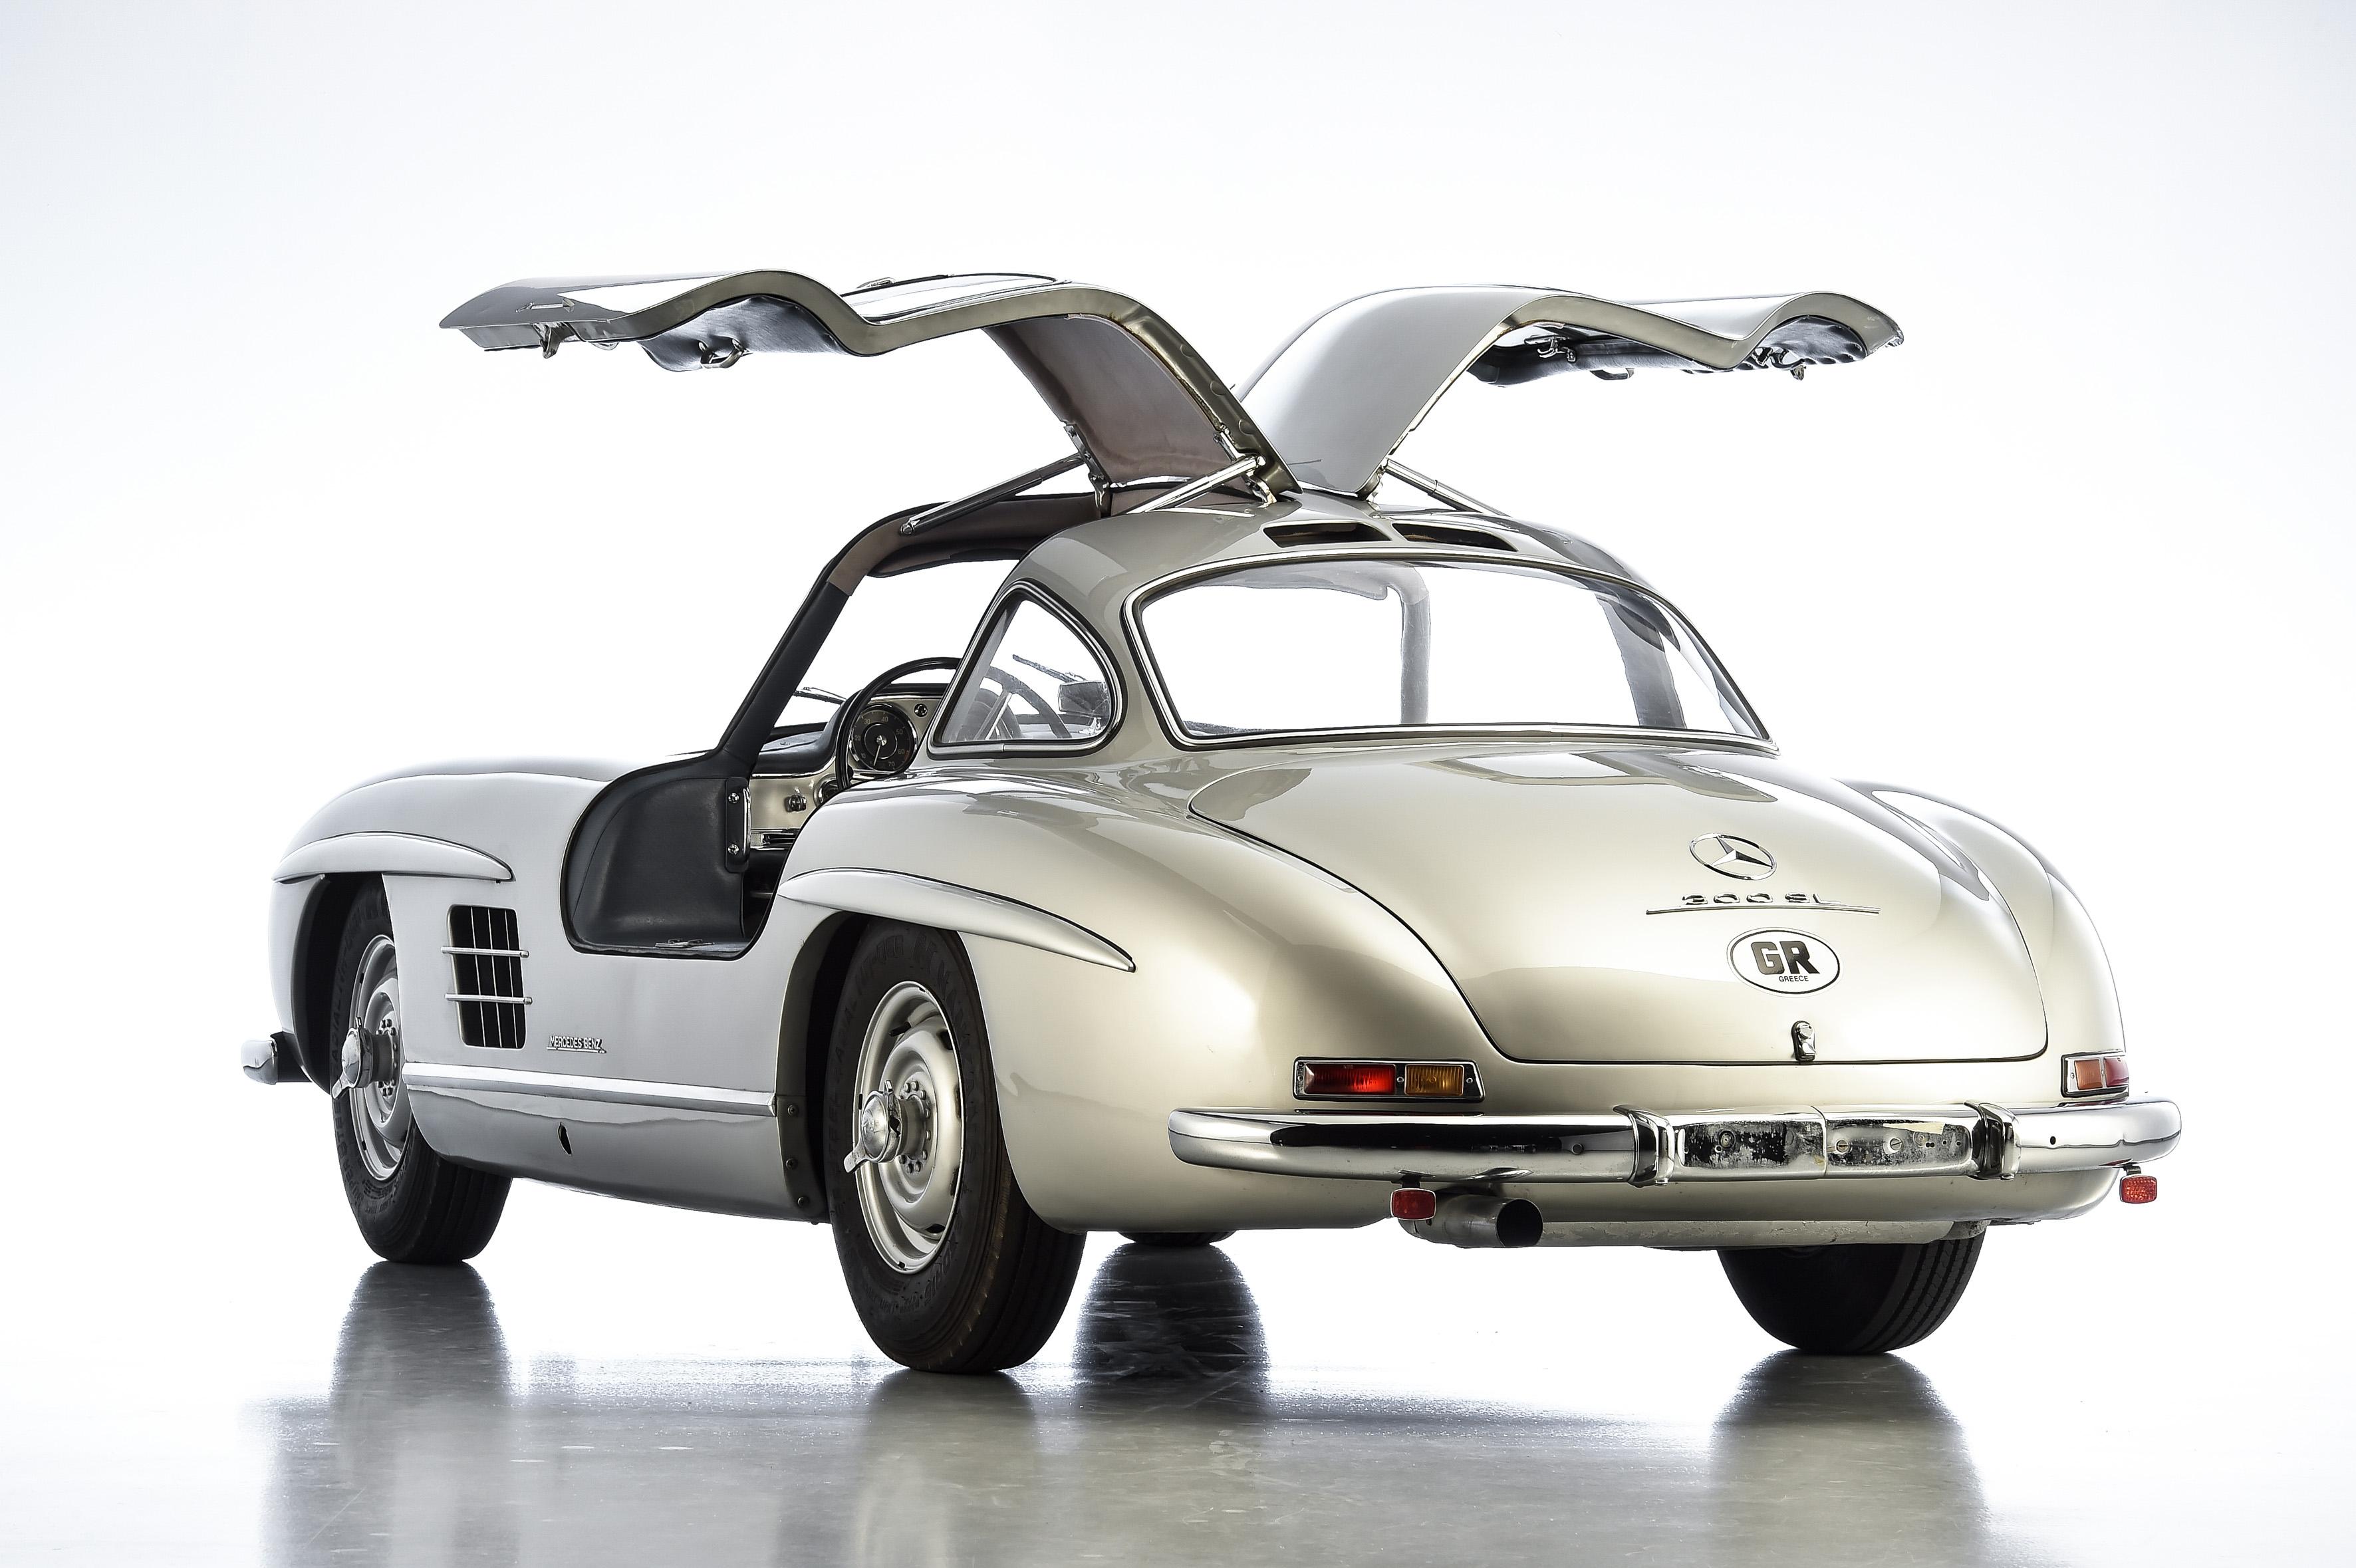 mercedes benz  sl gullwing aluminium case study classic sport leicht